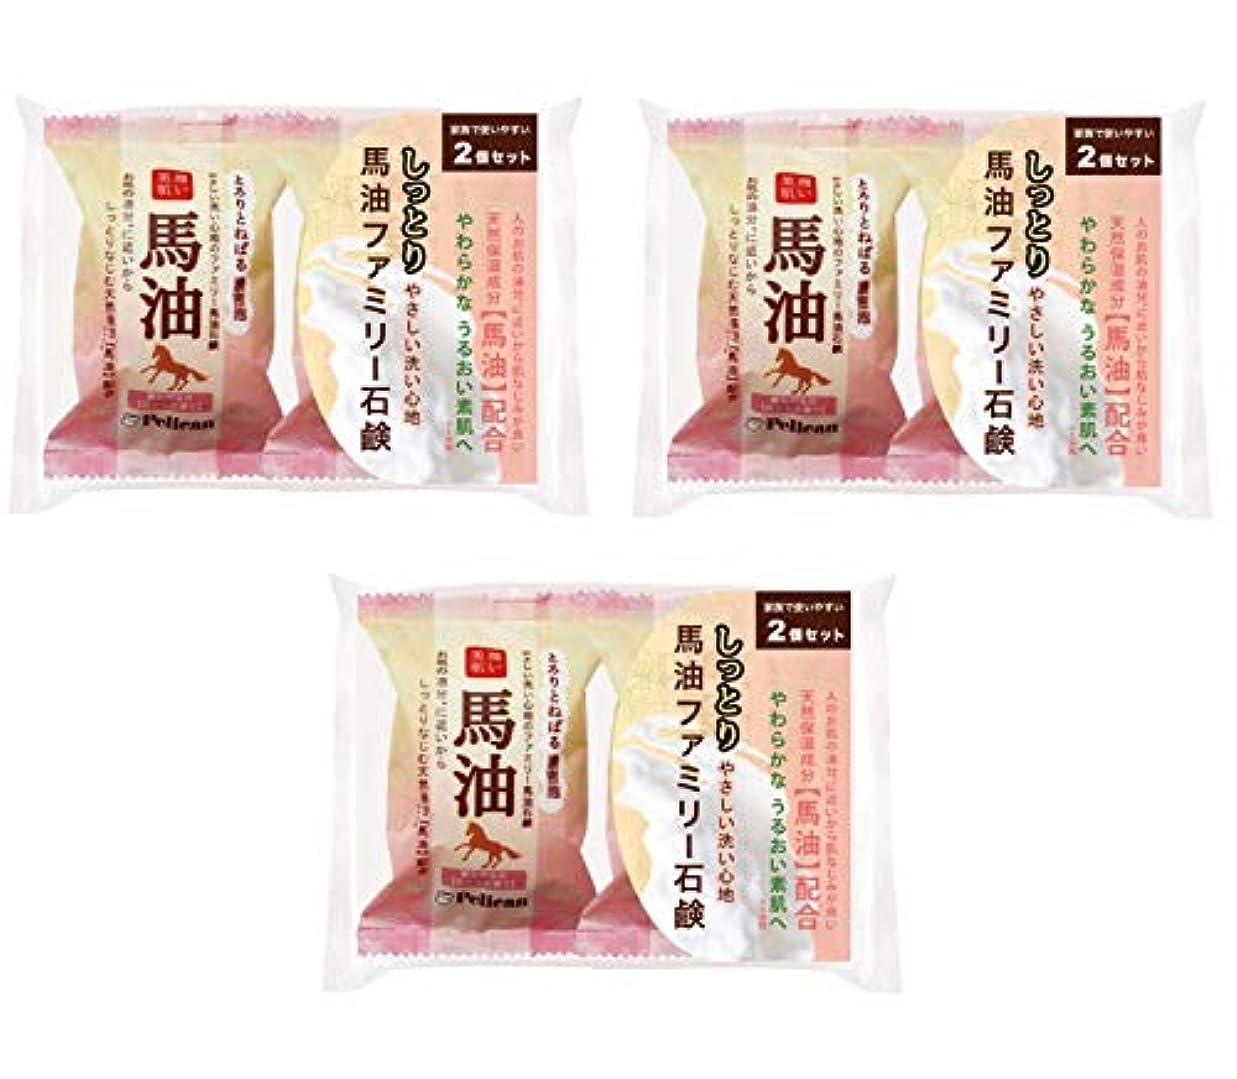 せせらぎキャンベラ紳士気取りの、きざな【まとめ買い】ペリカン石鹸 ファミリー 馬油石鹸 2P ×3個セット